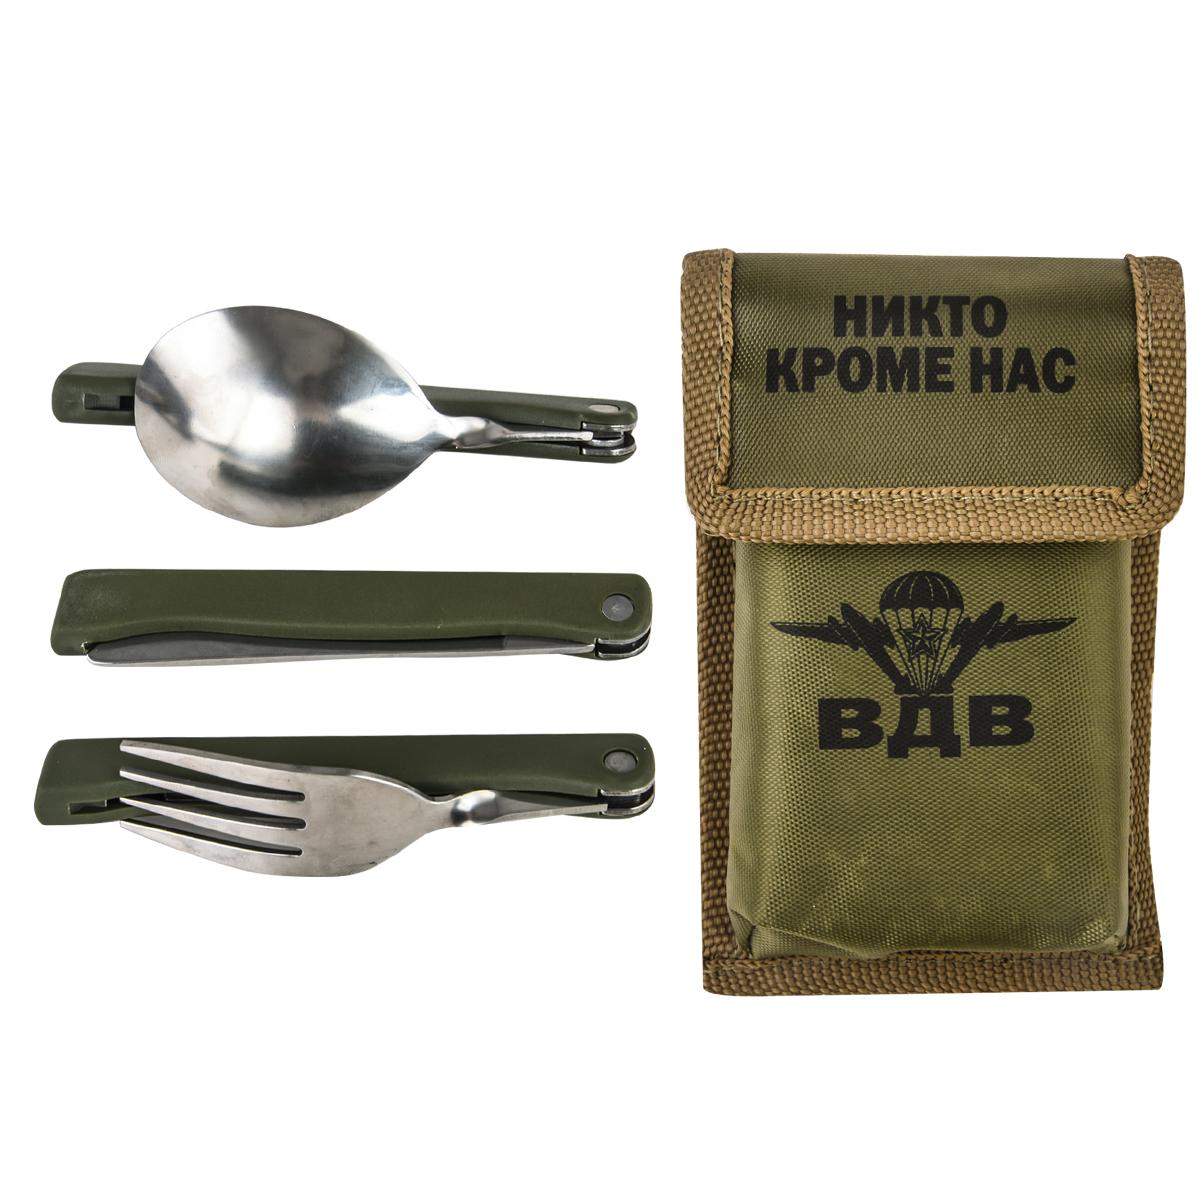 Недорогой походный трехпредменик: ложка, вилка, нож